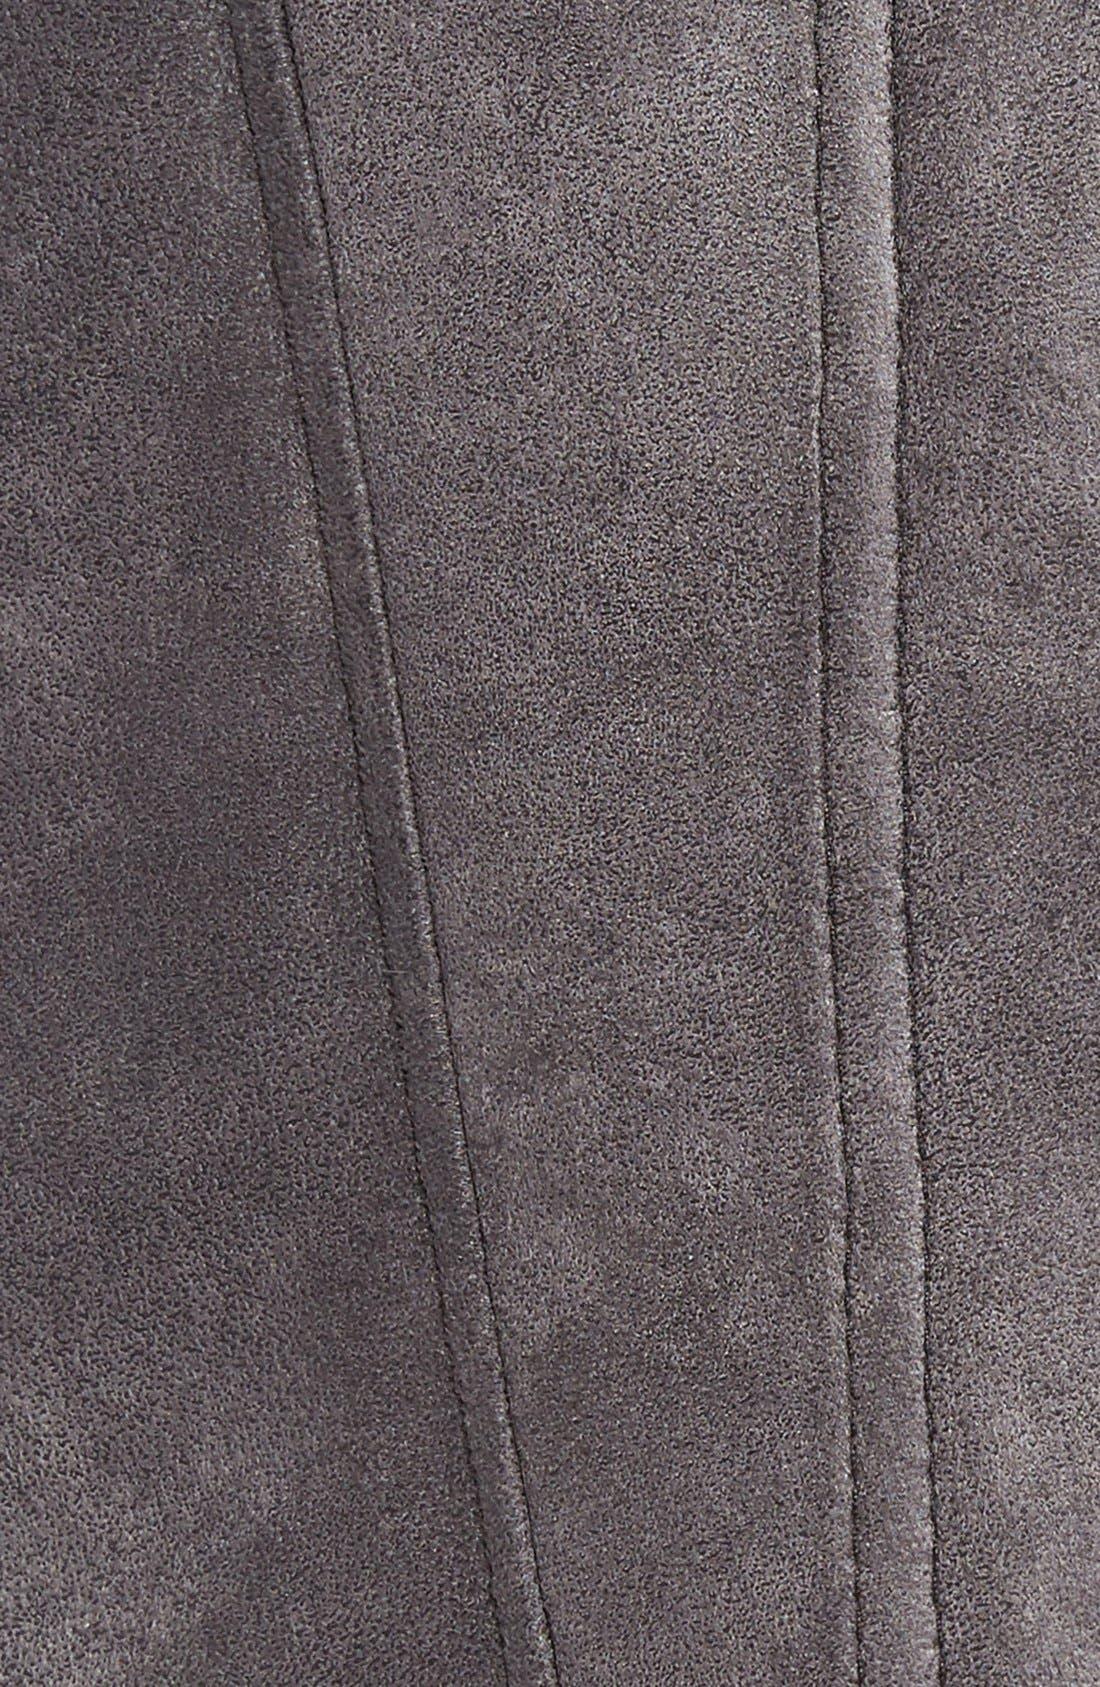 Alternate Image 5  - Tahari Faux Shearling Coat with Faux Fur Trim